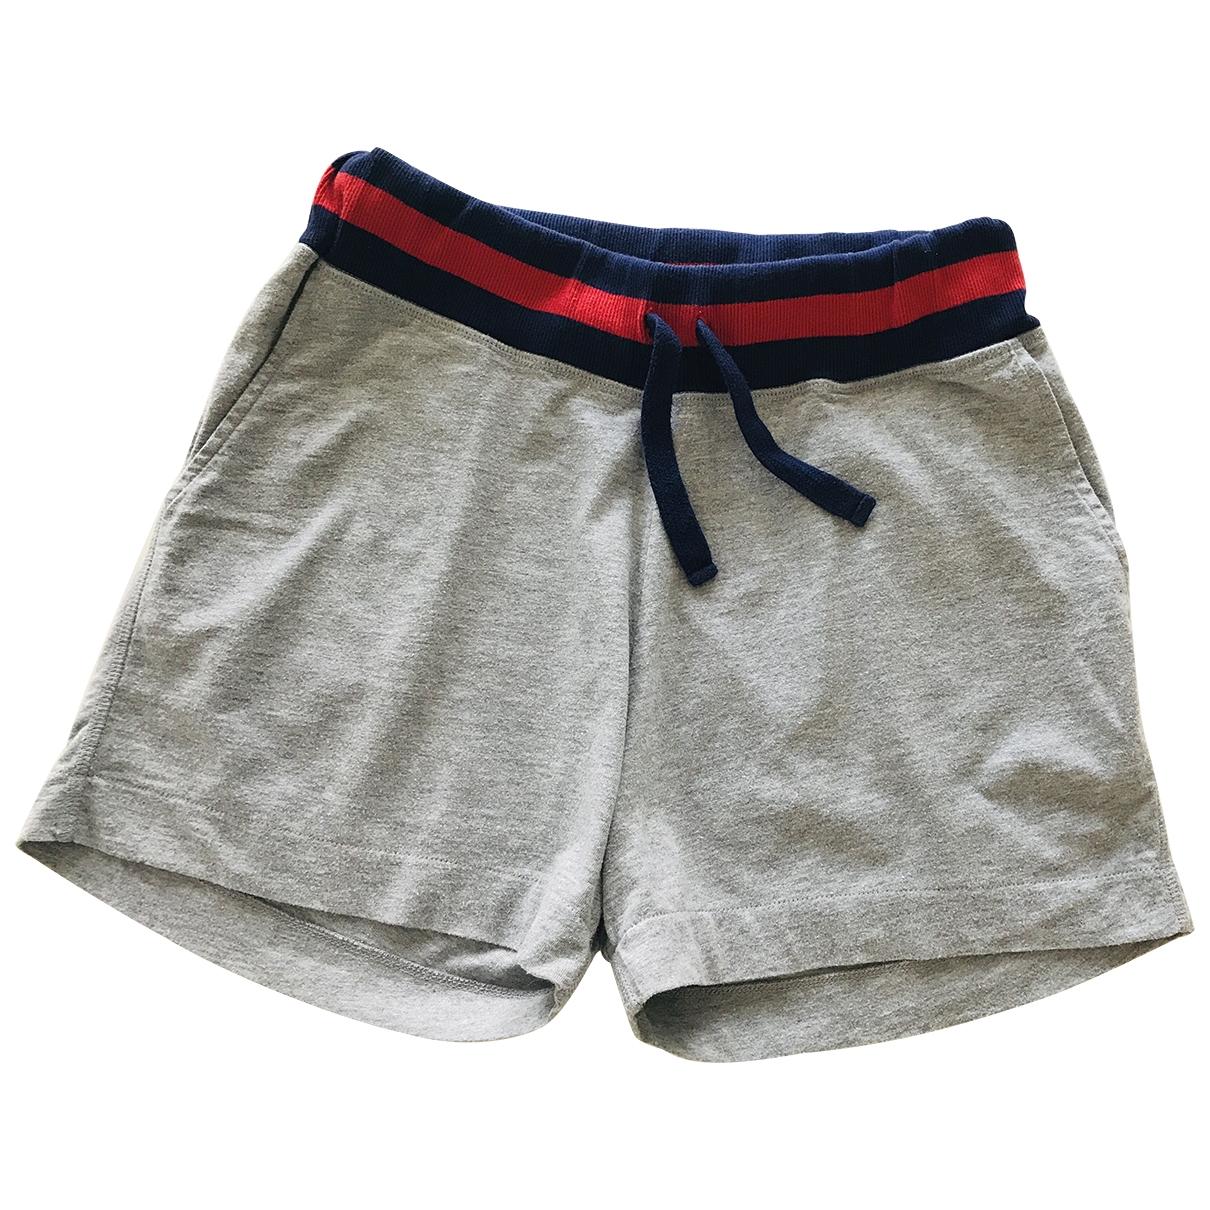 Sleepy Jones \N Shorts in  Bunt Baumwolle